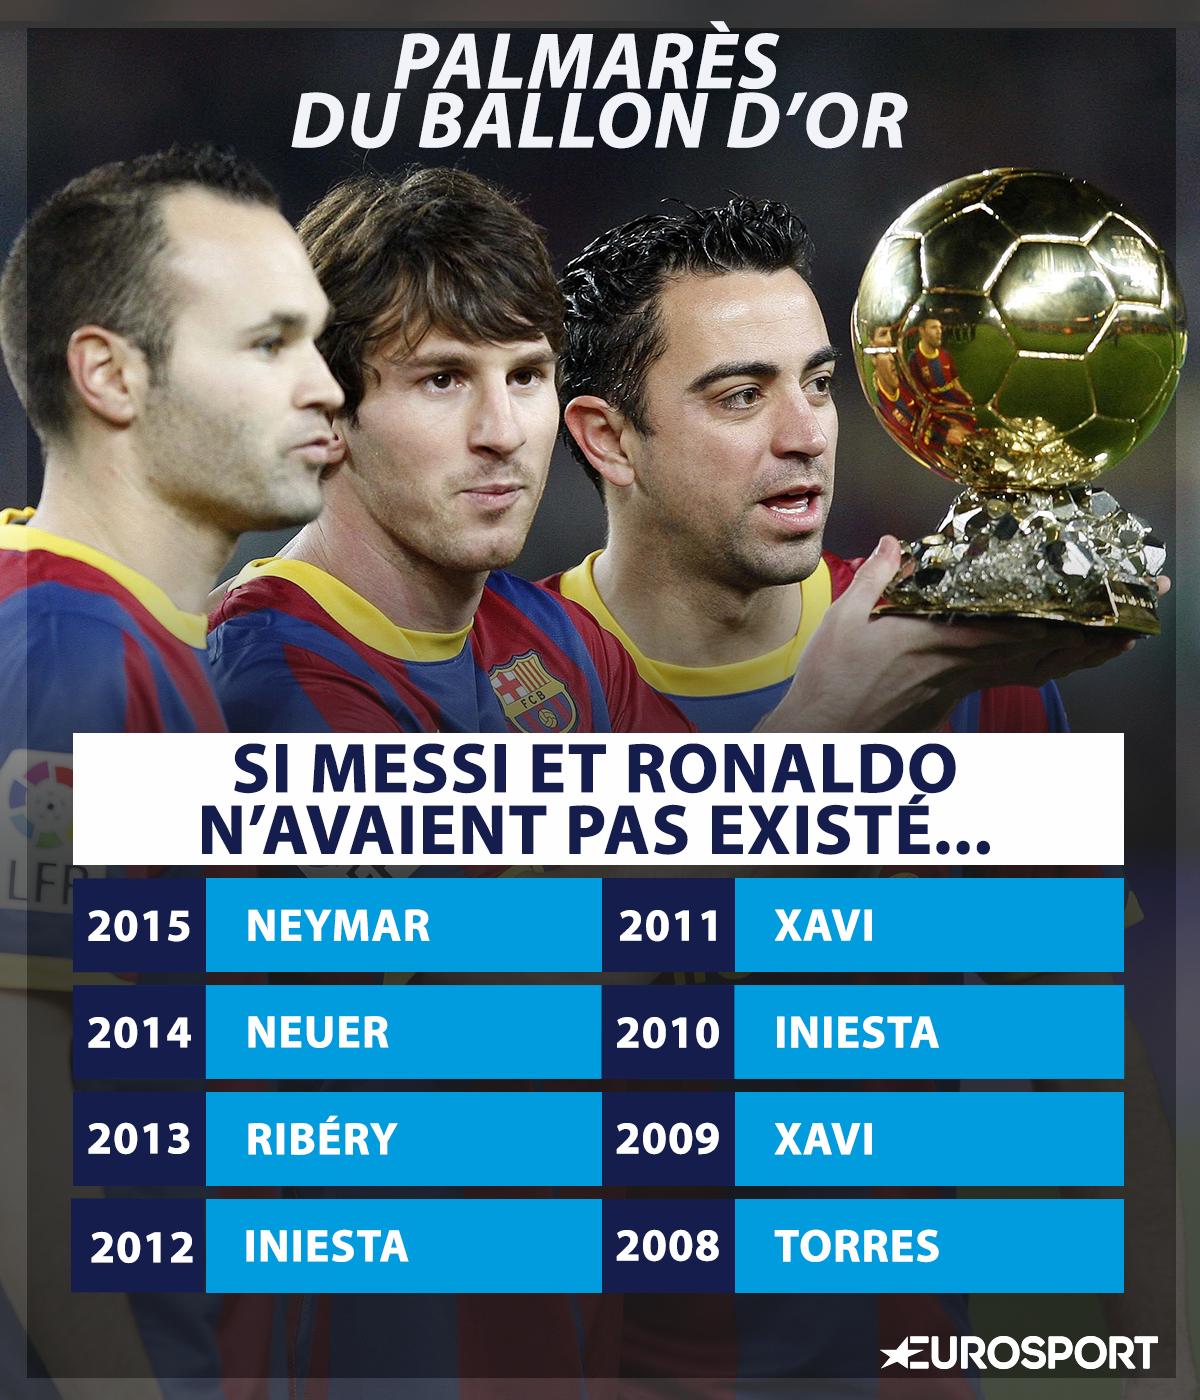 Infog Ballon d'Or - Palmarès sans Messi et Ronaldo